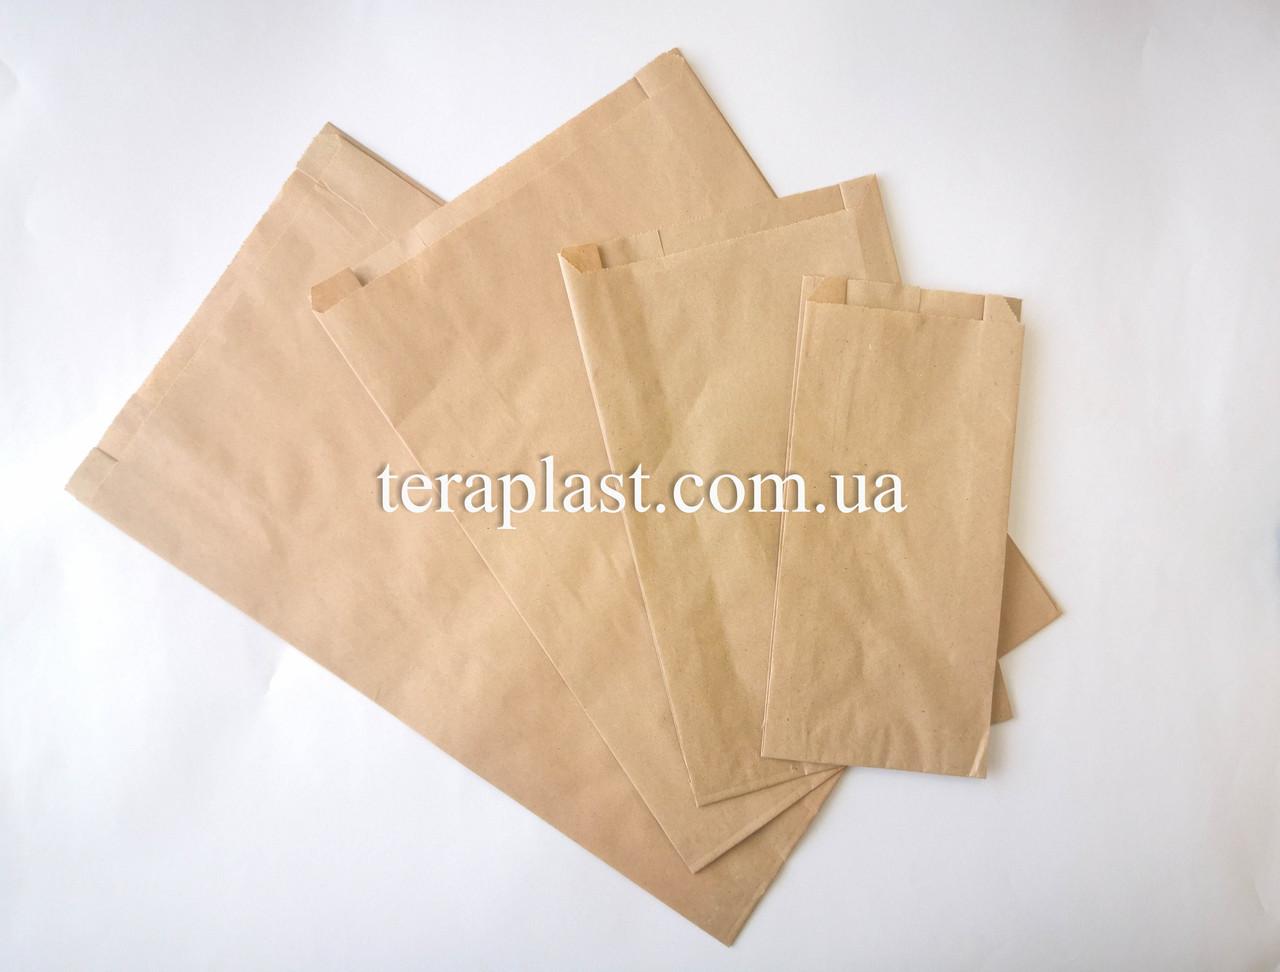 Пакет бумажный саше 220*60*340